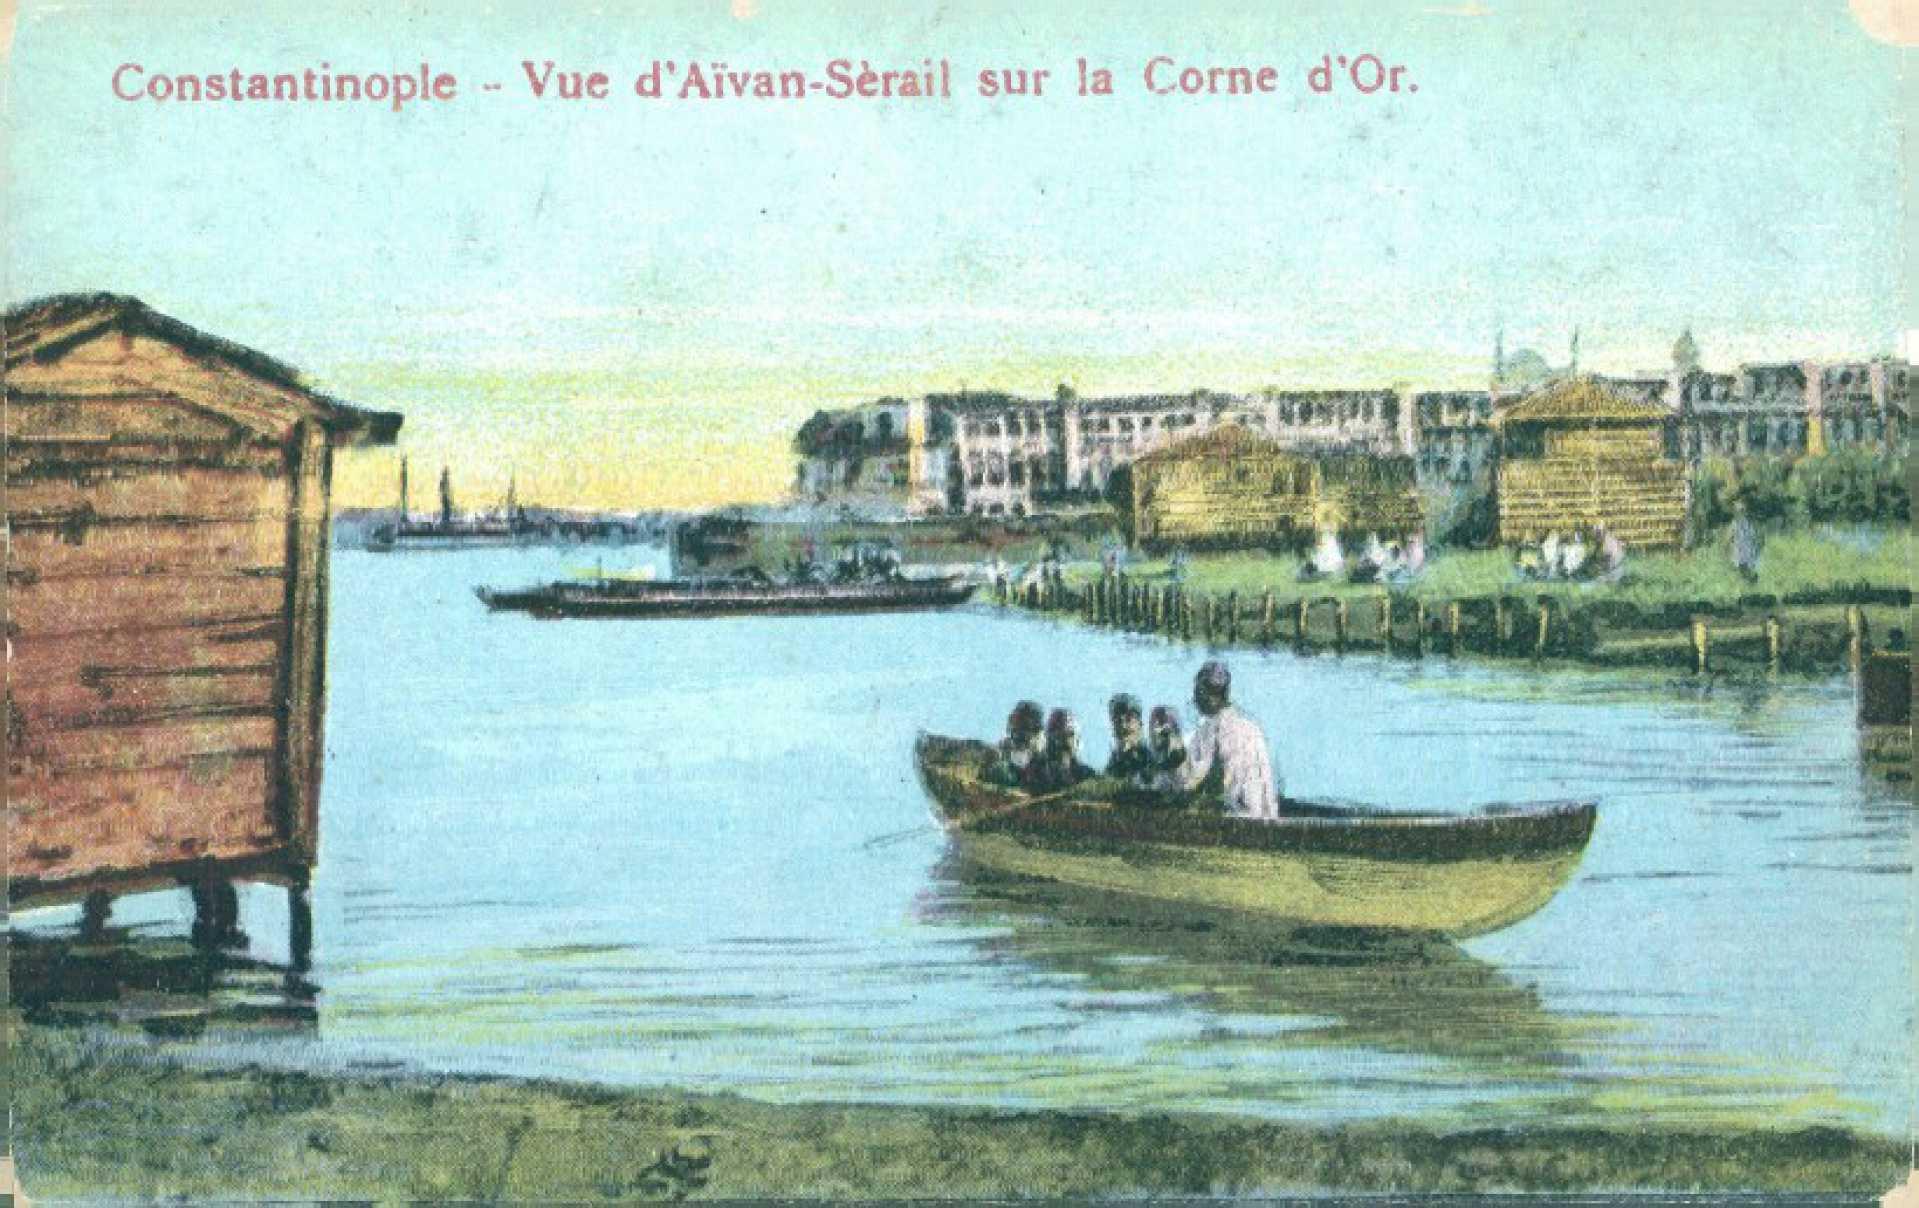 Vue d'Aivan-Serail sur la Corne d'Or